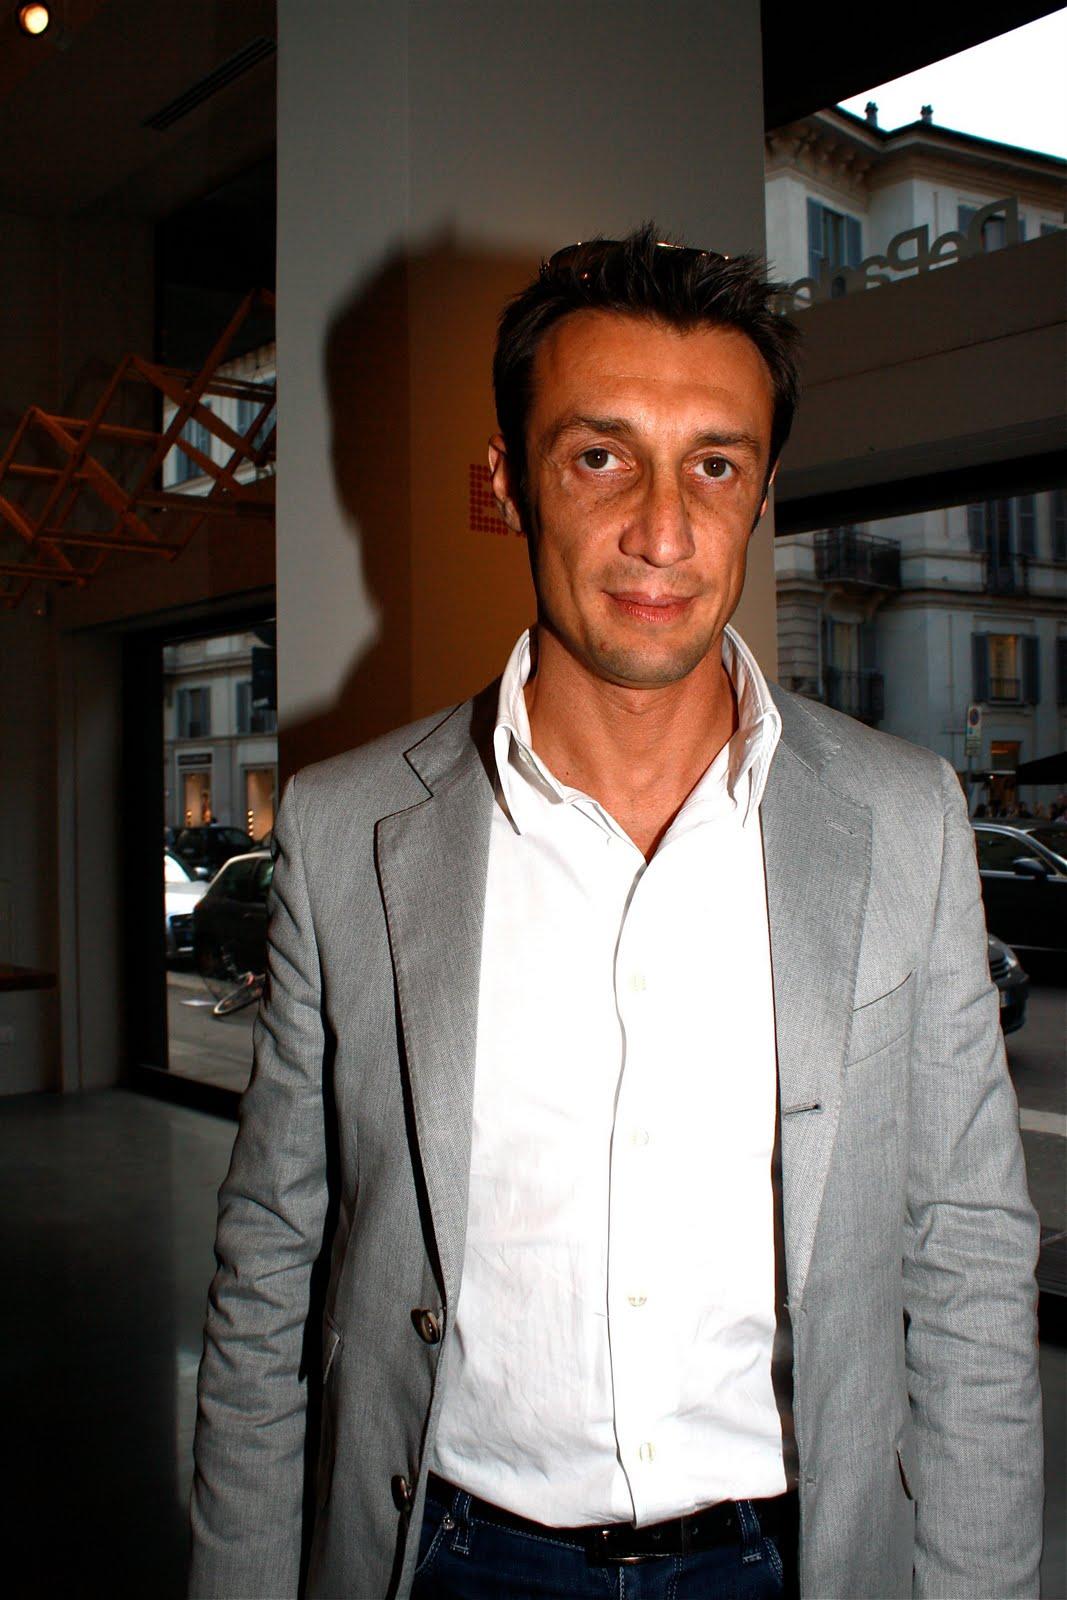 Contessanally milan salone del mobile 2010 effetto for Carlo colombo